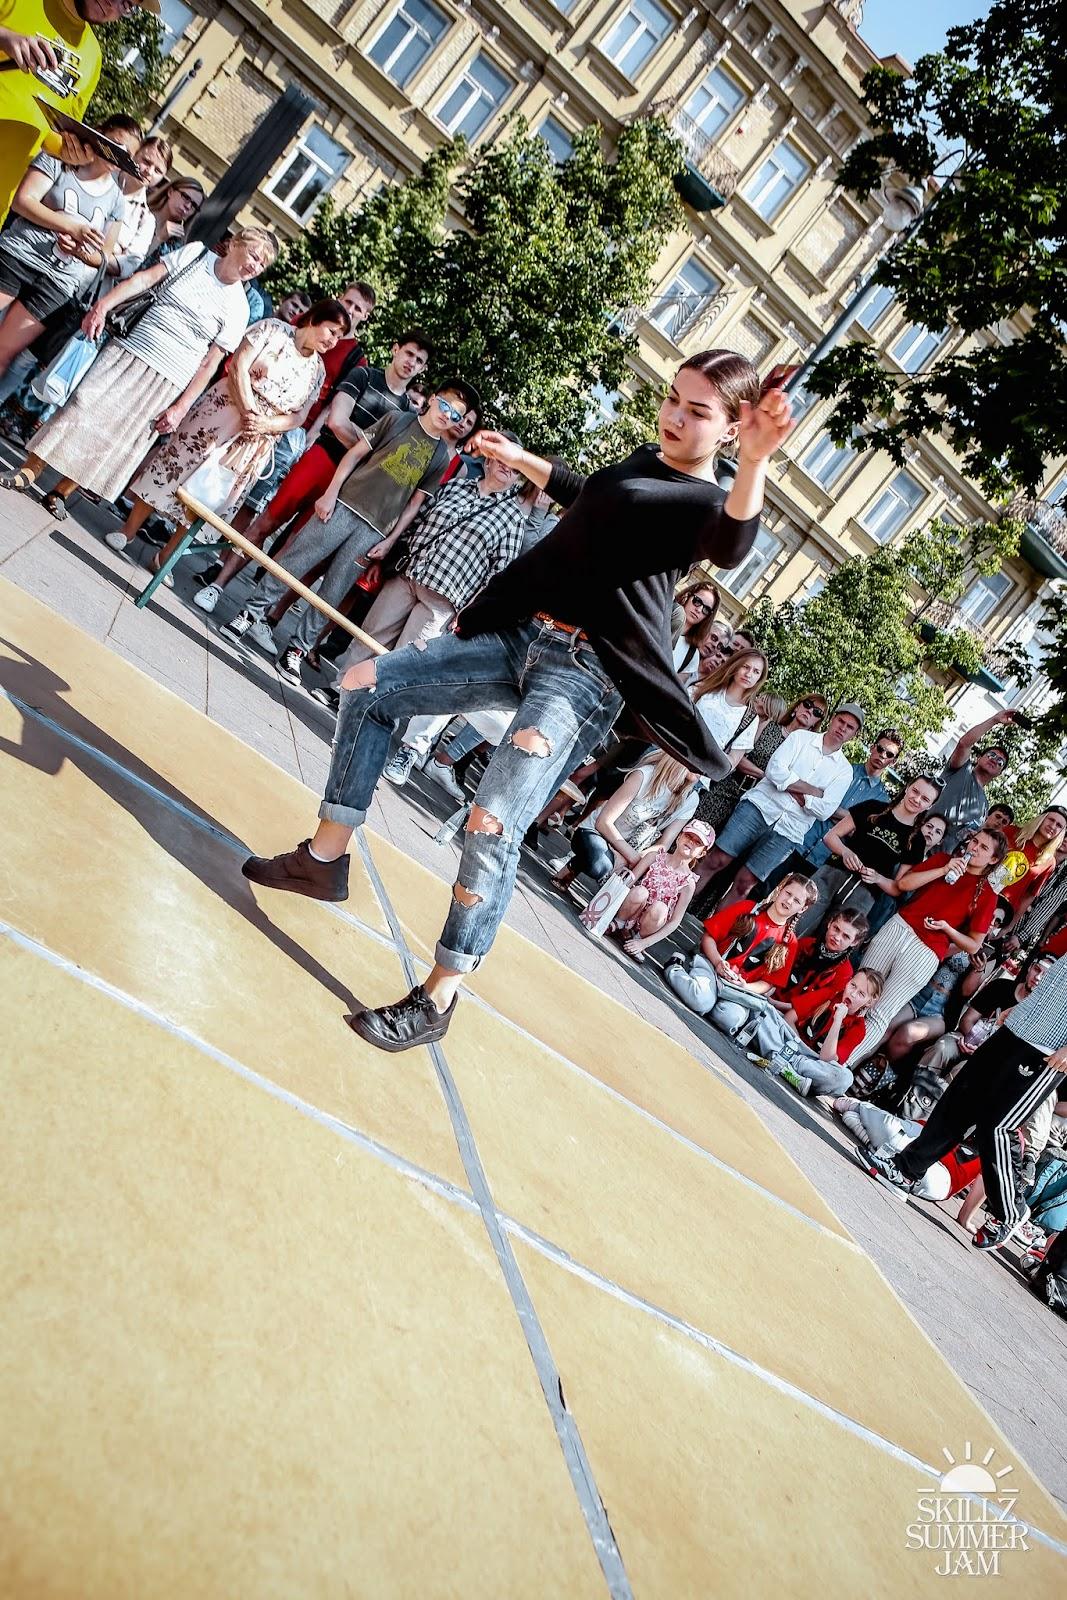 SKILLZ Summer Jam 2016 - _IMG_9263.jpg